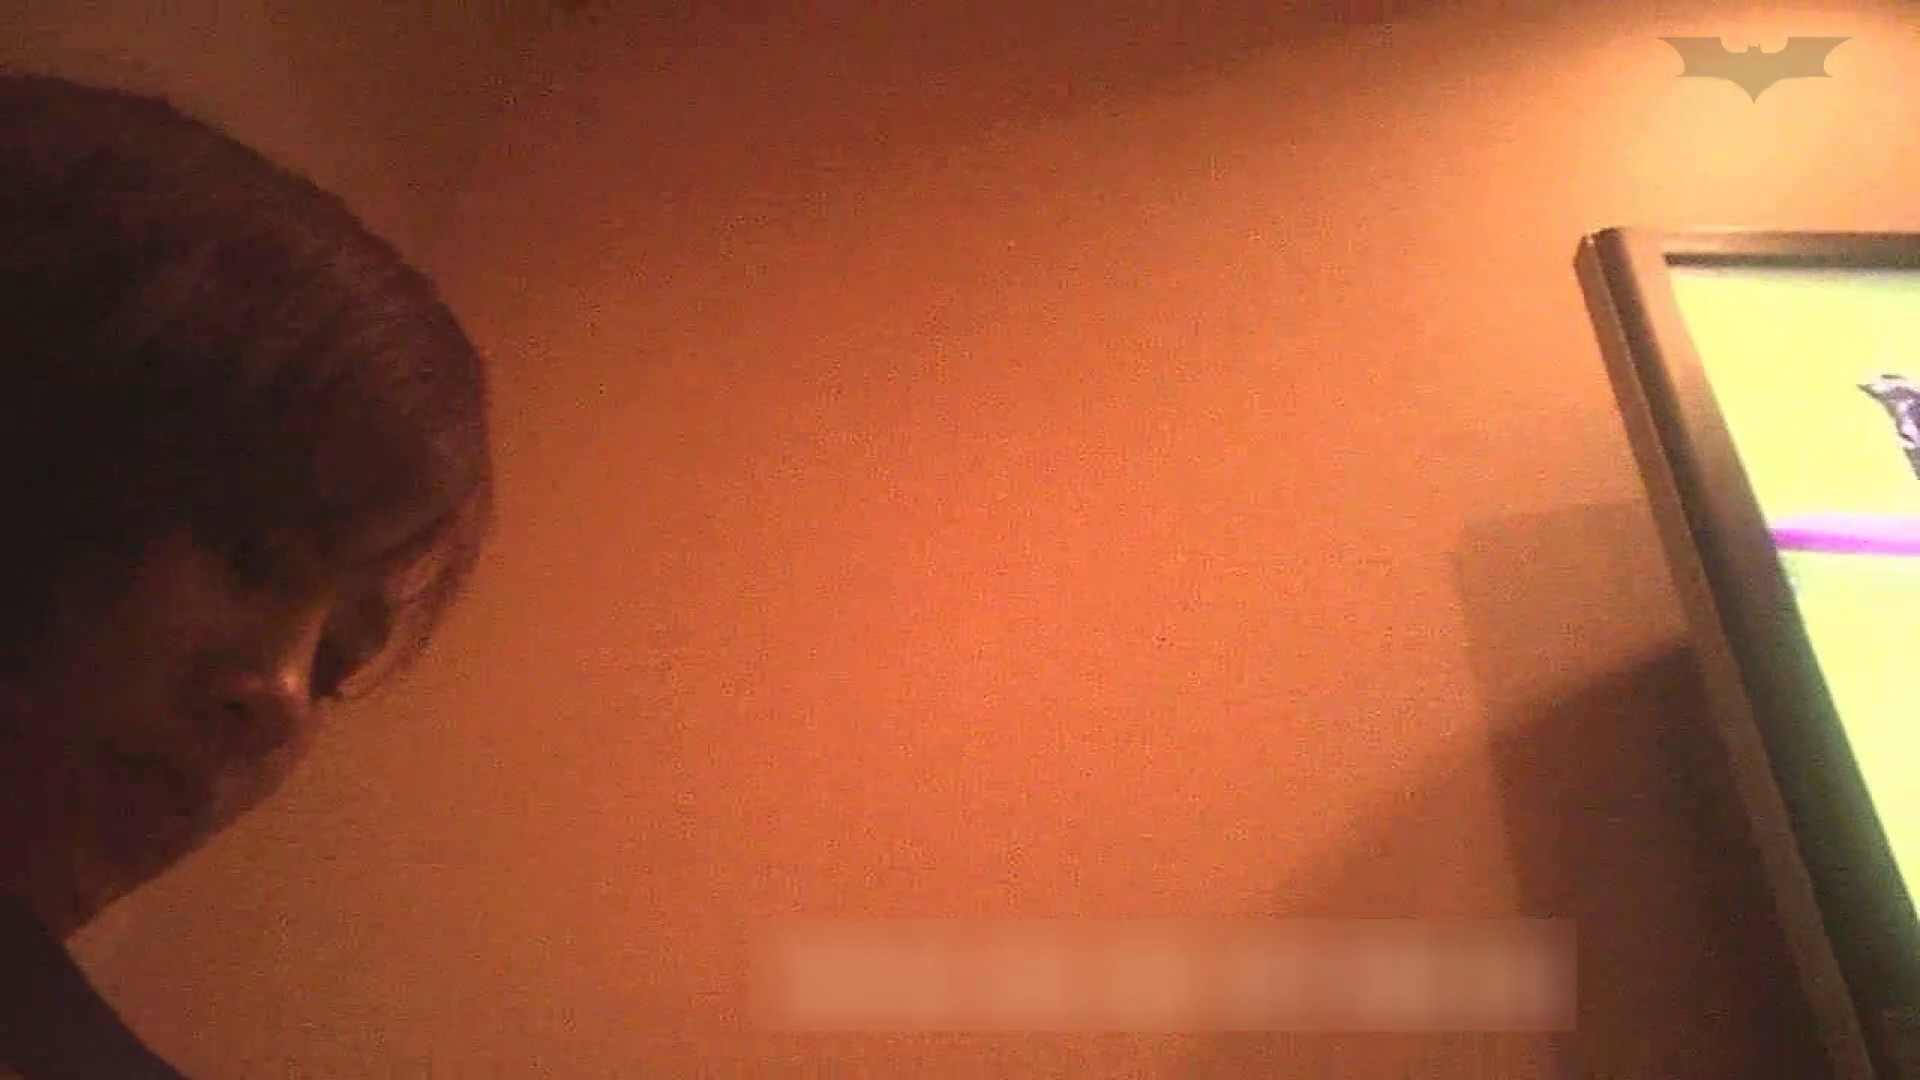 デビュー直前まみちゃん!もうすぐJDゆいちゃん!Vol.37 脱衣2人詰合せ 美肌 われめAV動画紹介 60画像 49